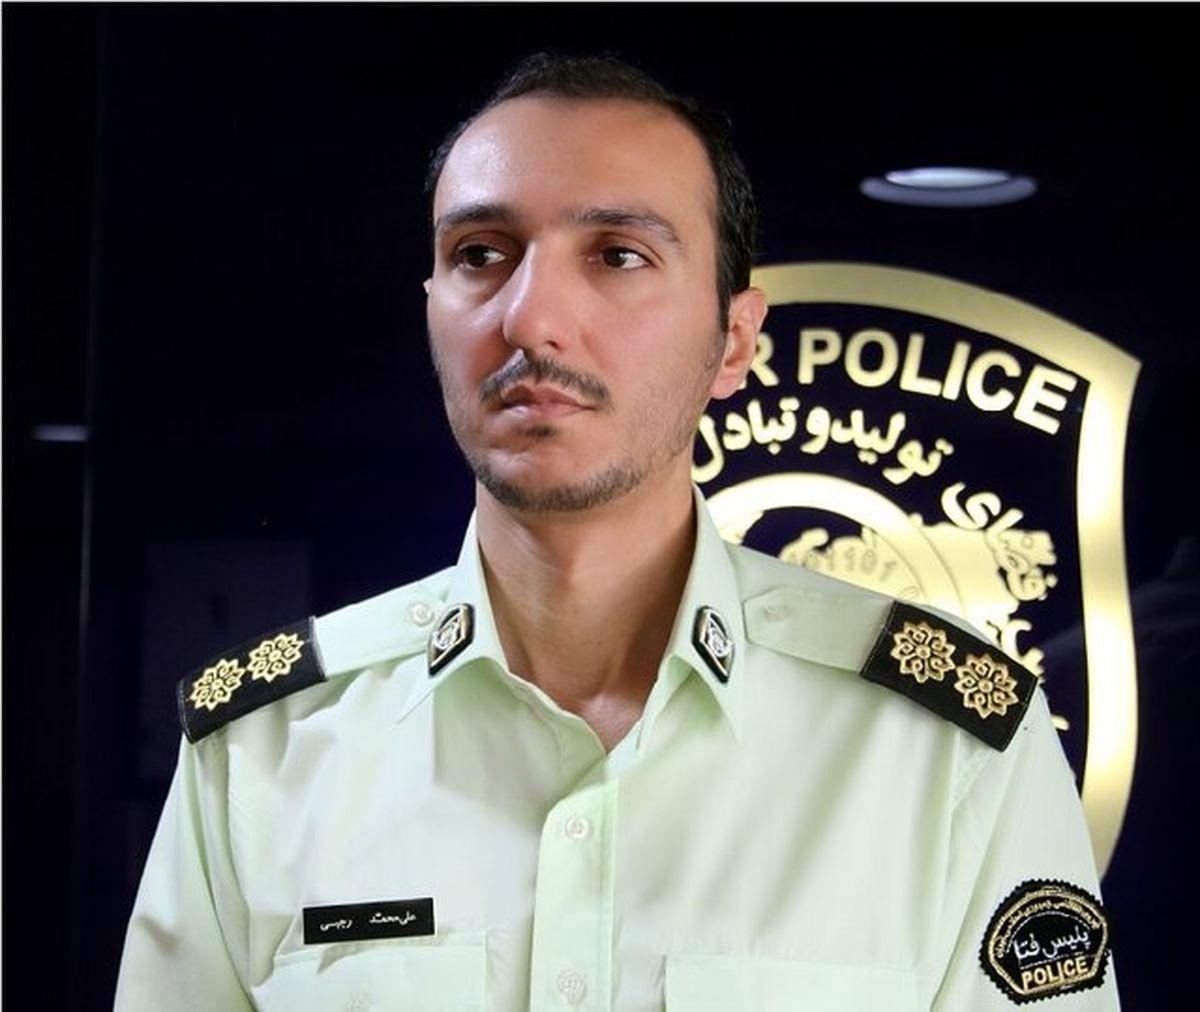 پلیس در مورد لینکهای دردسرساز هشدارداد